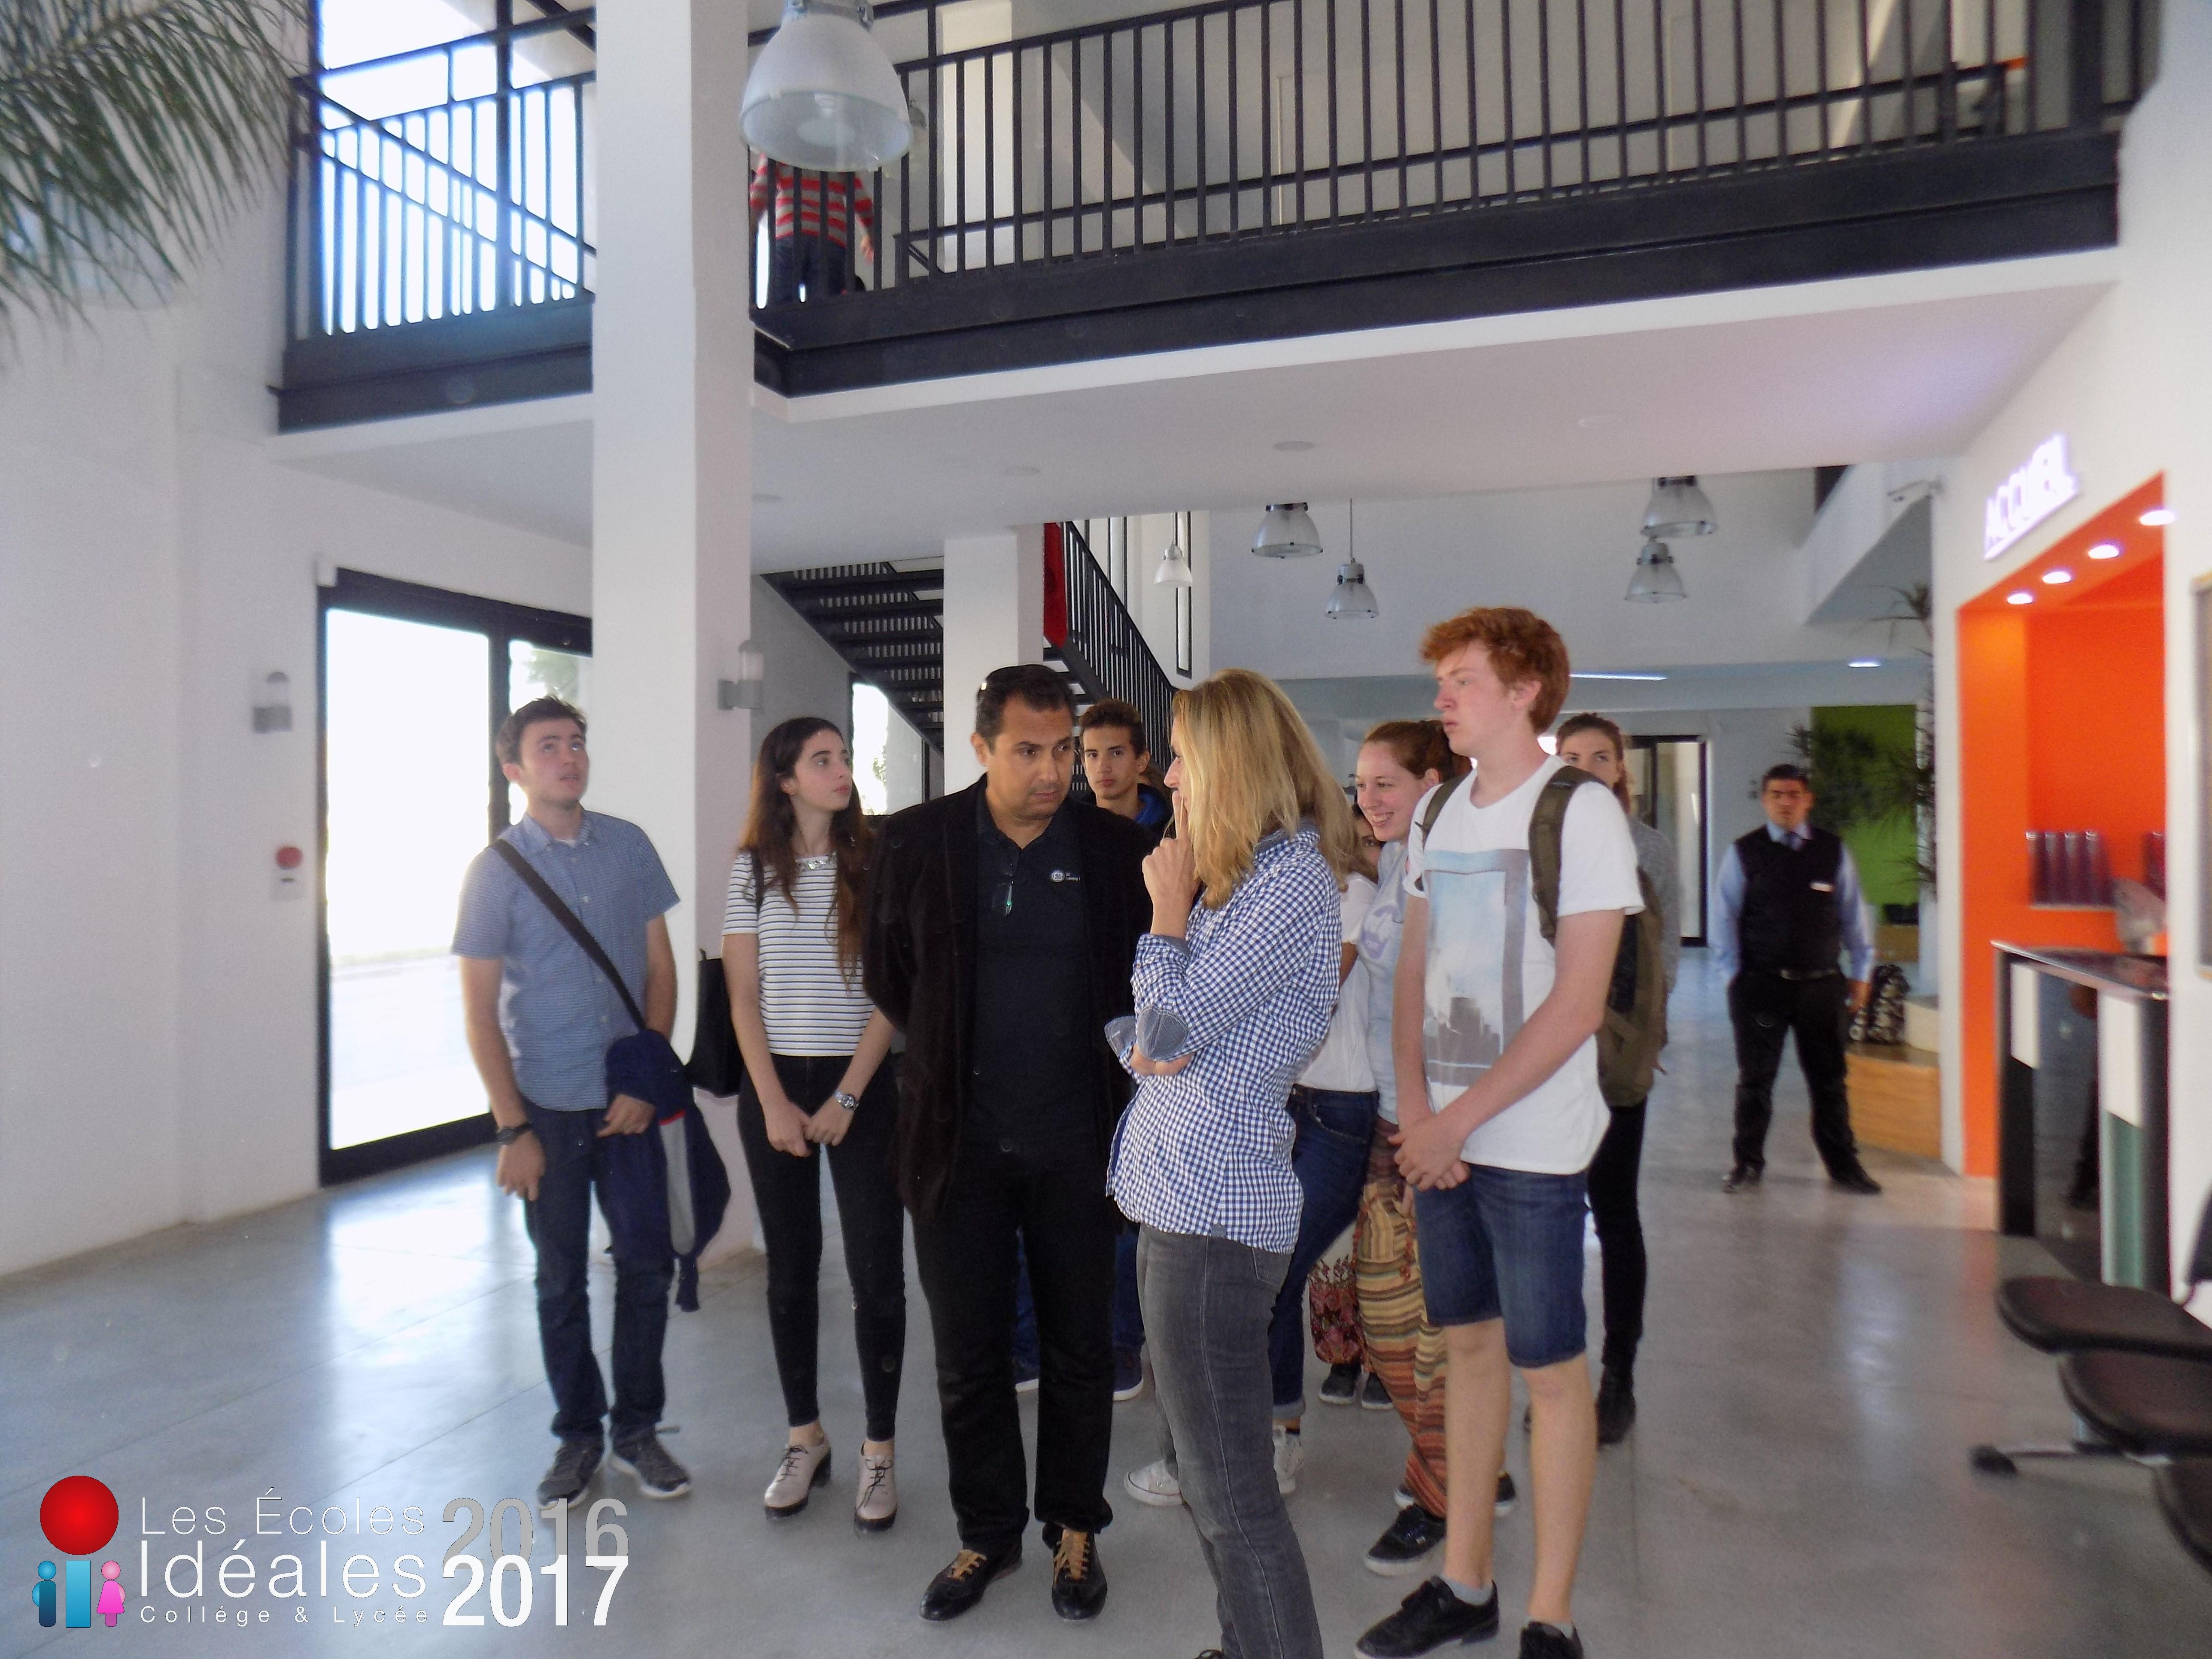 visite du nouveau collège